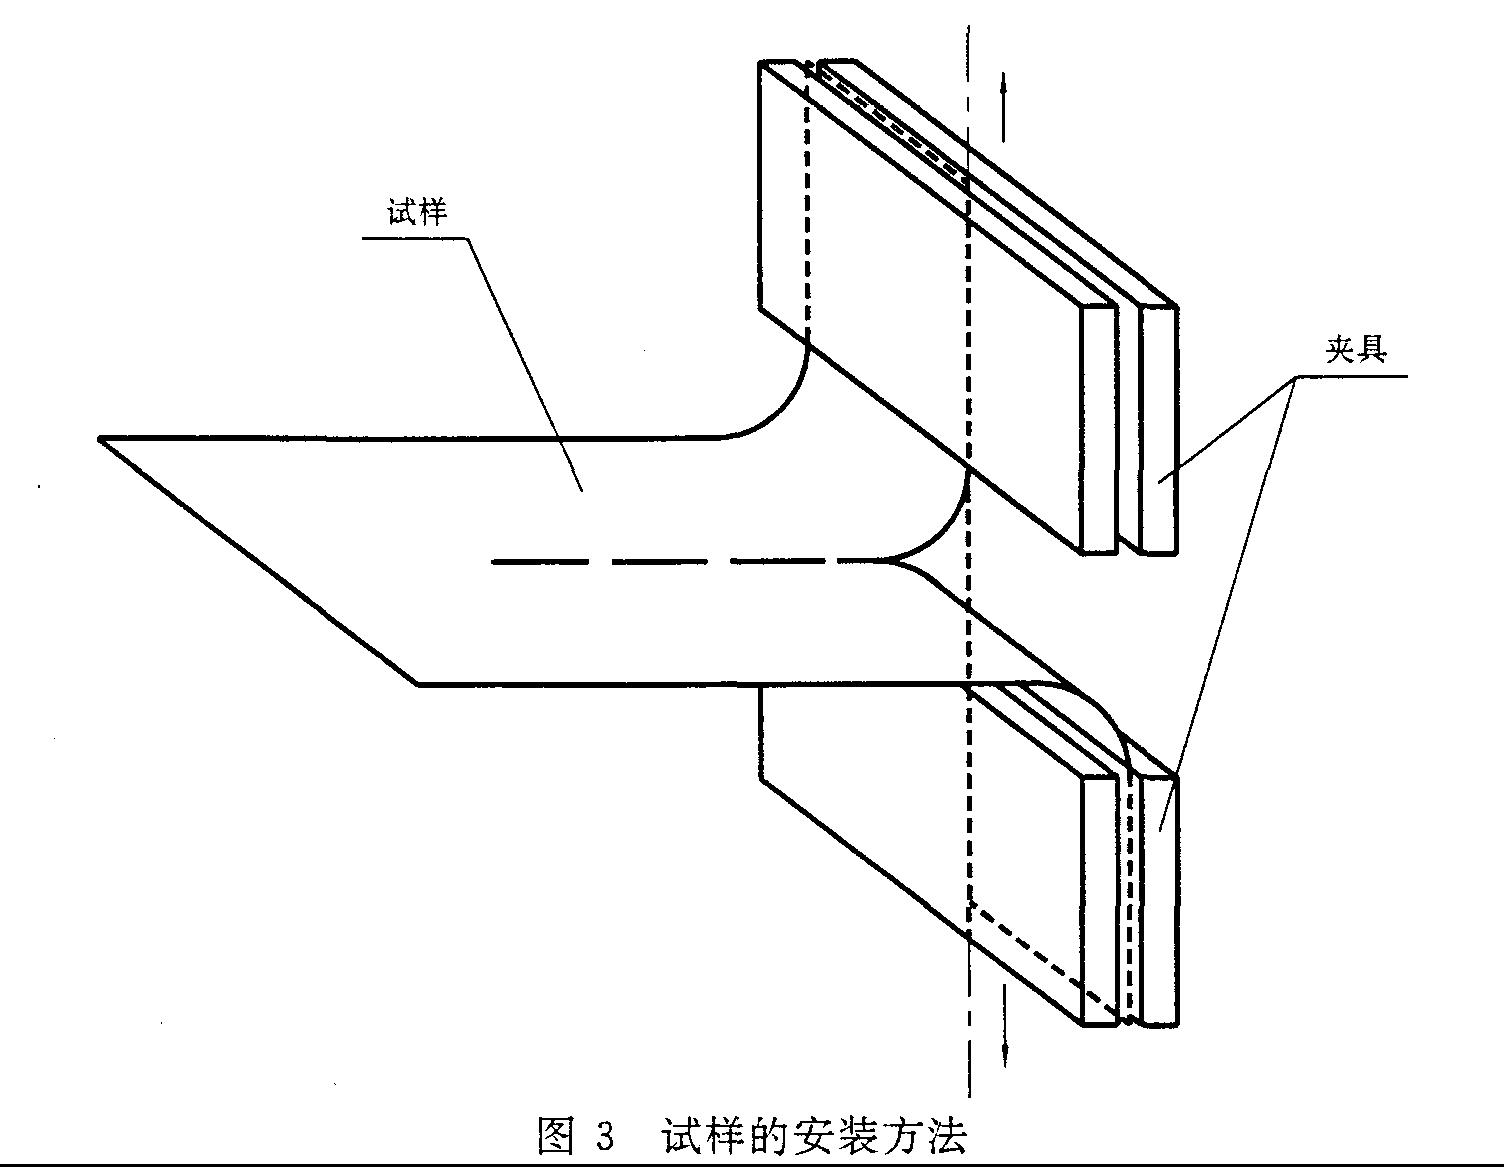 XLW(PC)-500N型智能电子拉力试验机检测项目解析